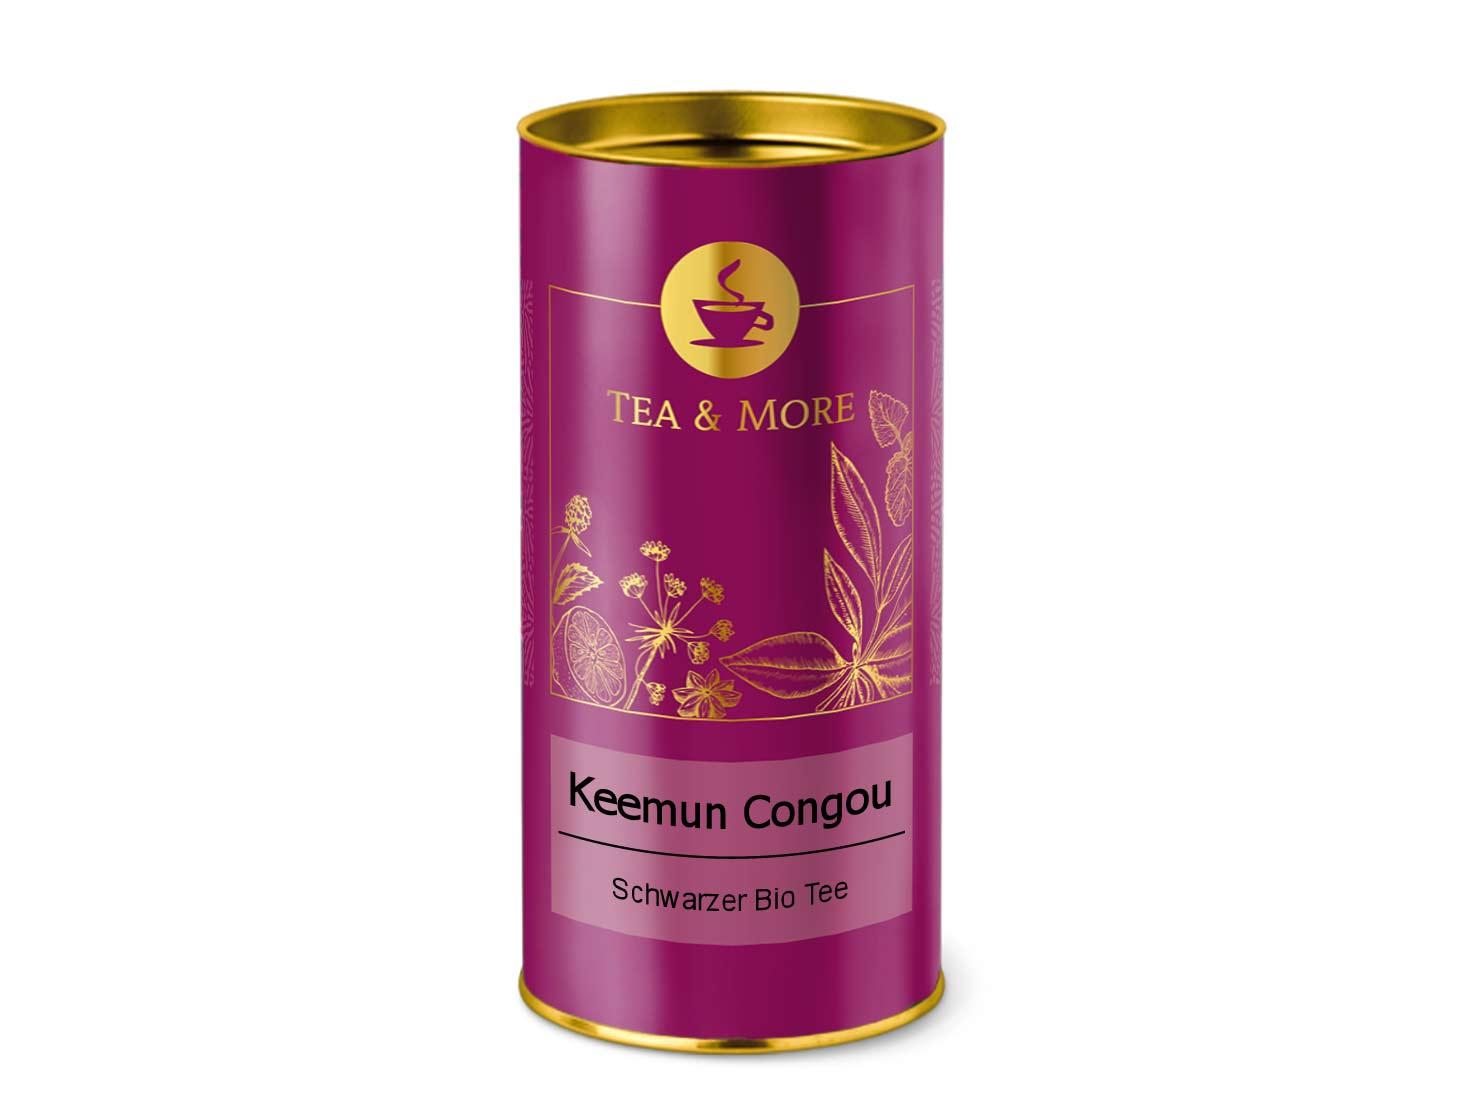 Chine Keemun Congou (Organic)